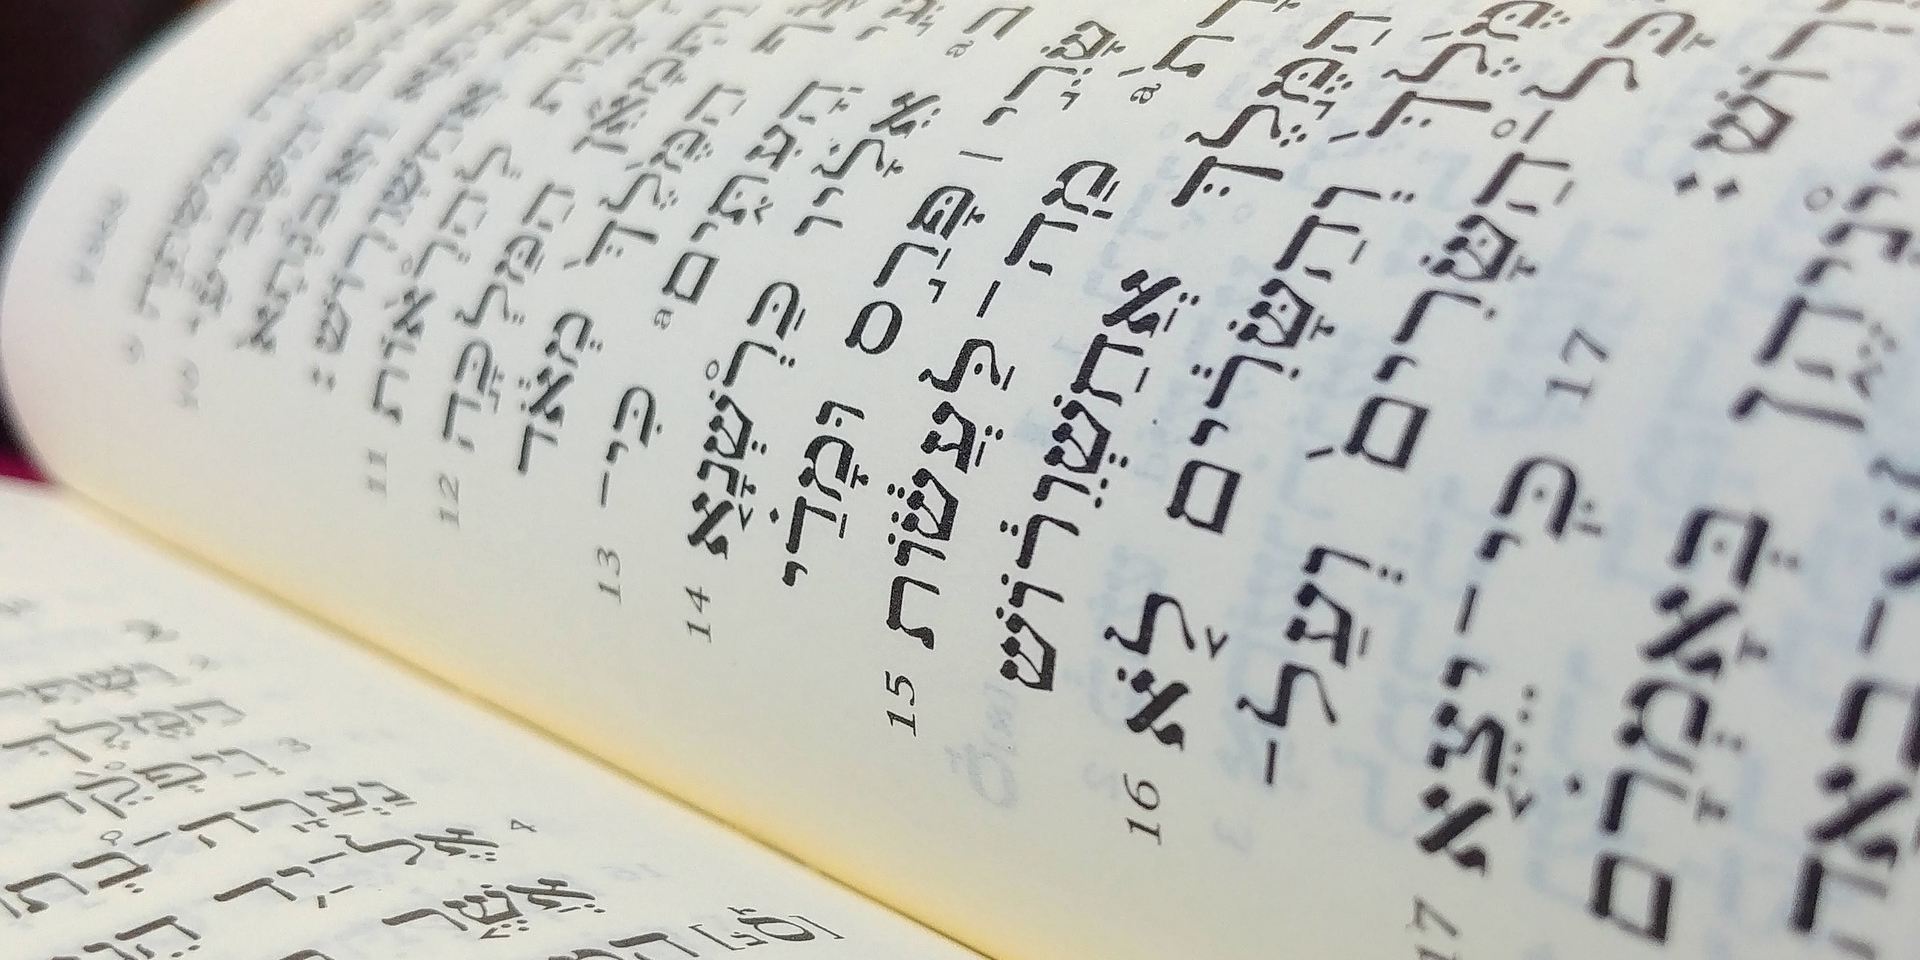 Die Bibel in Hebräischer Schrift